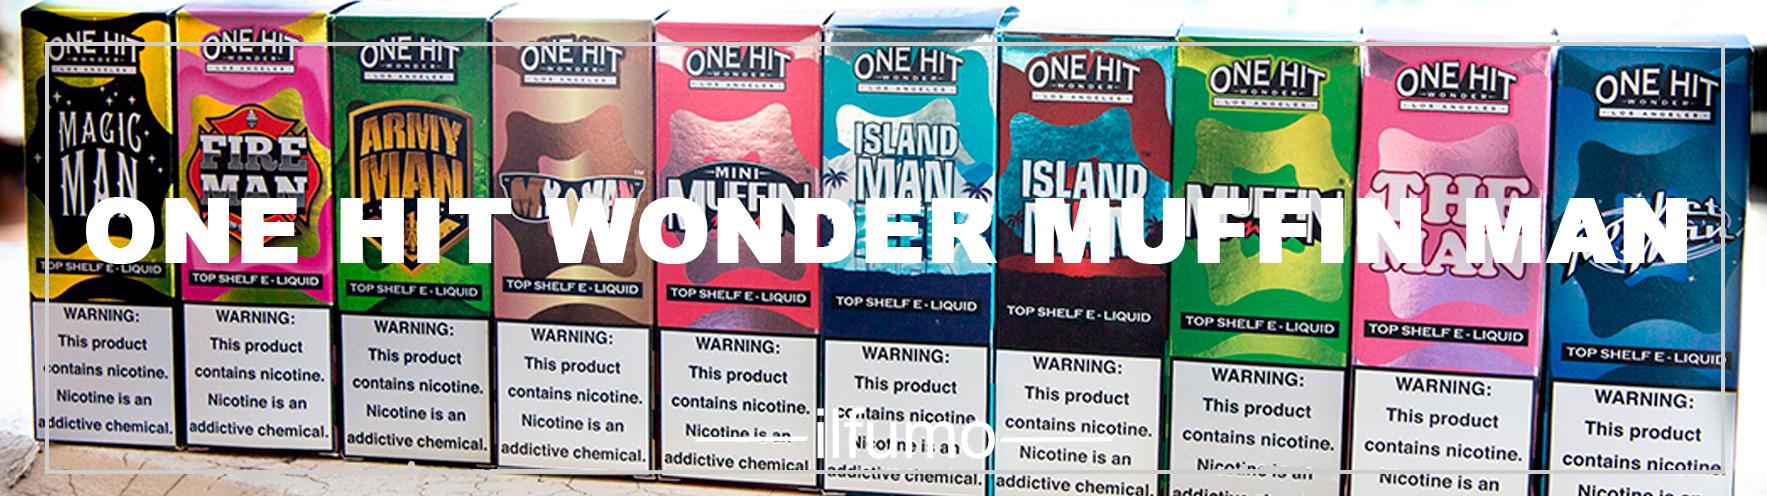 one hit wonder muffin man jgnjv - Жидкость One Hit Wonder Salt 30 мл